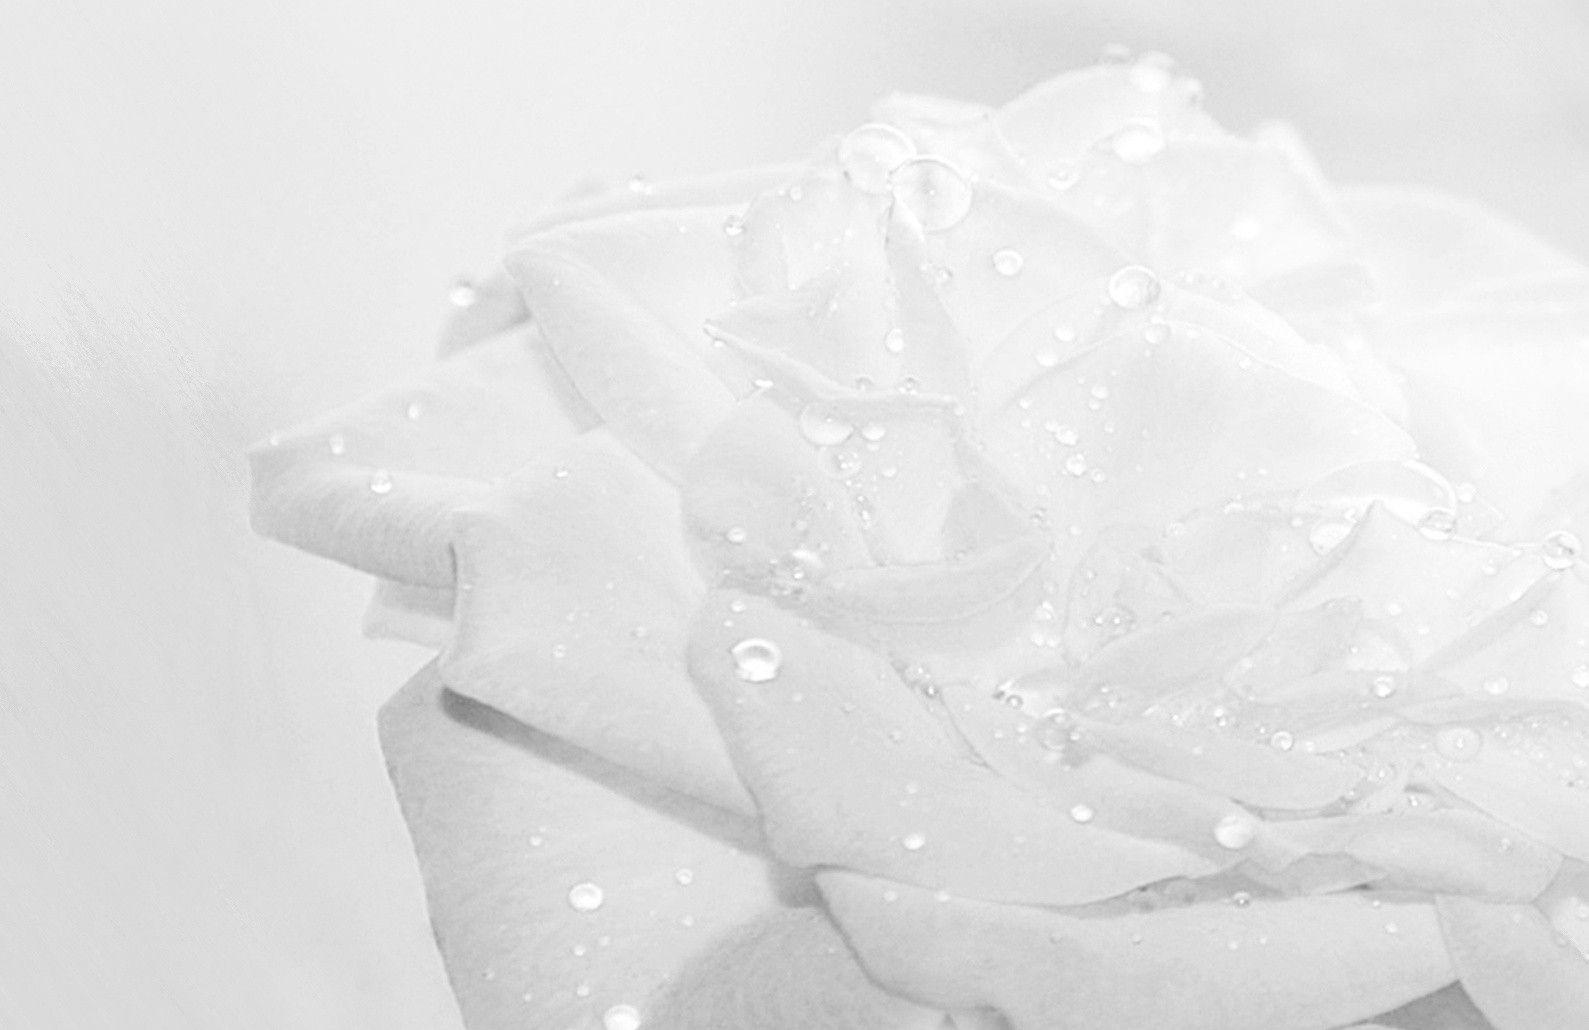 Porcelain Roses White Rose Flower Wallpaper Macbook Rose Flower Wallpaper Rose Wallpaper Flower Background Iphone